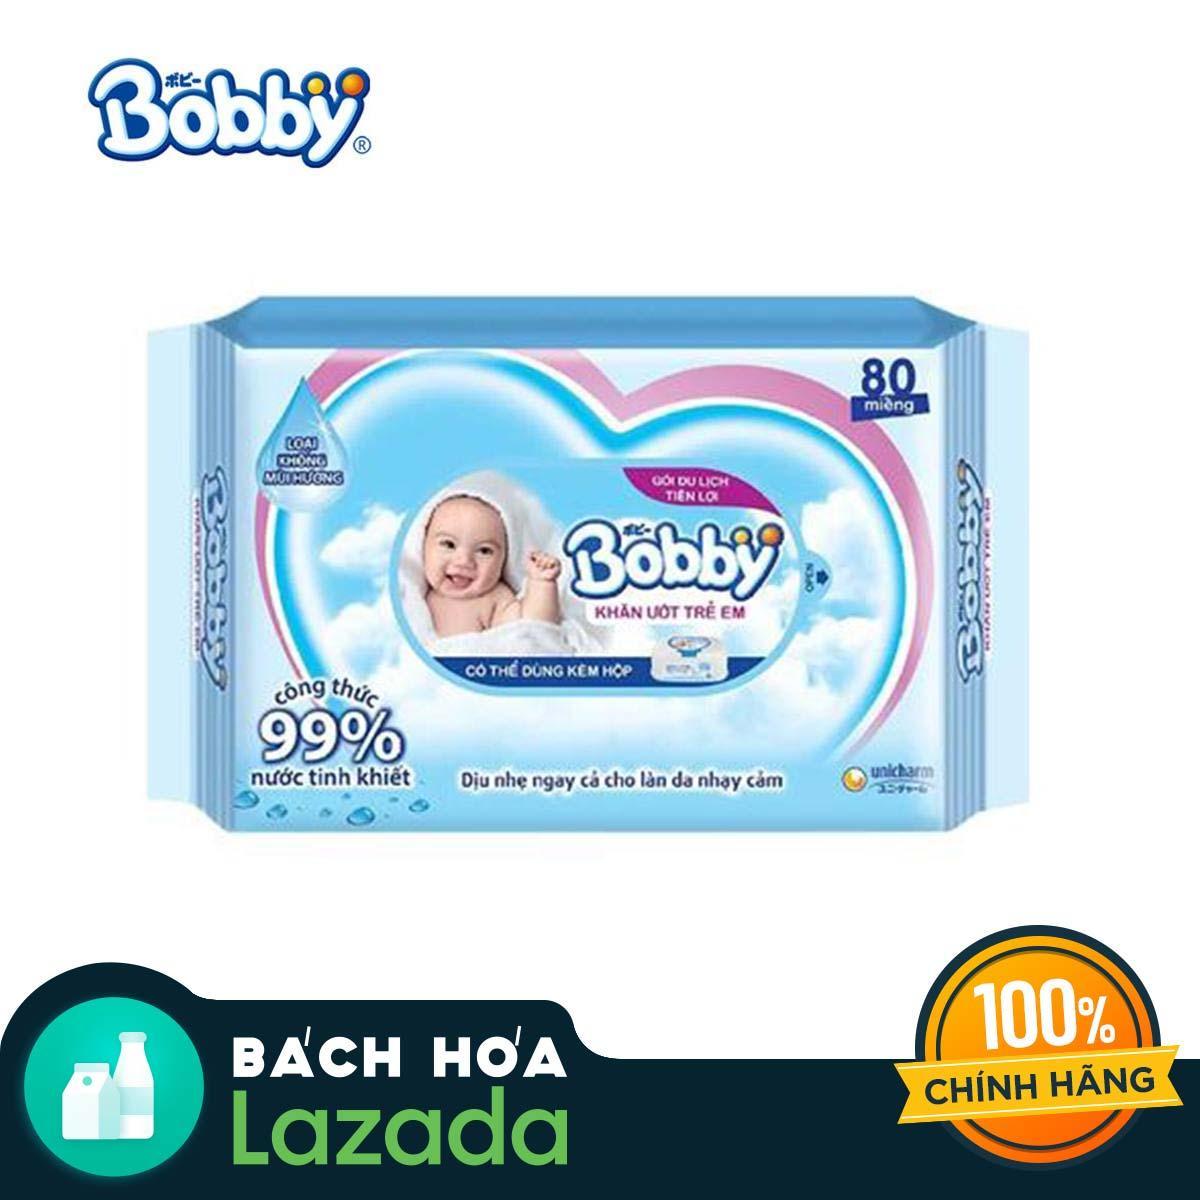 Khăn ướt trẻ em Bobby Care gói bổ sung 80...